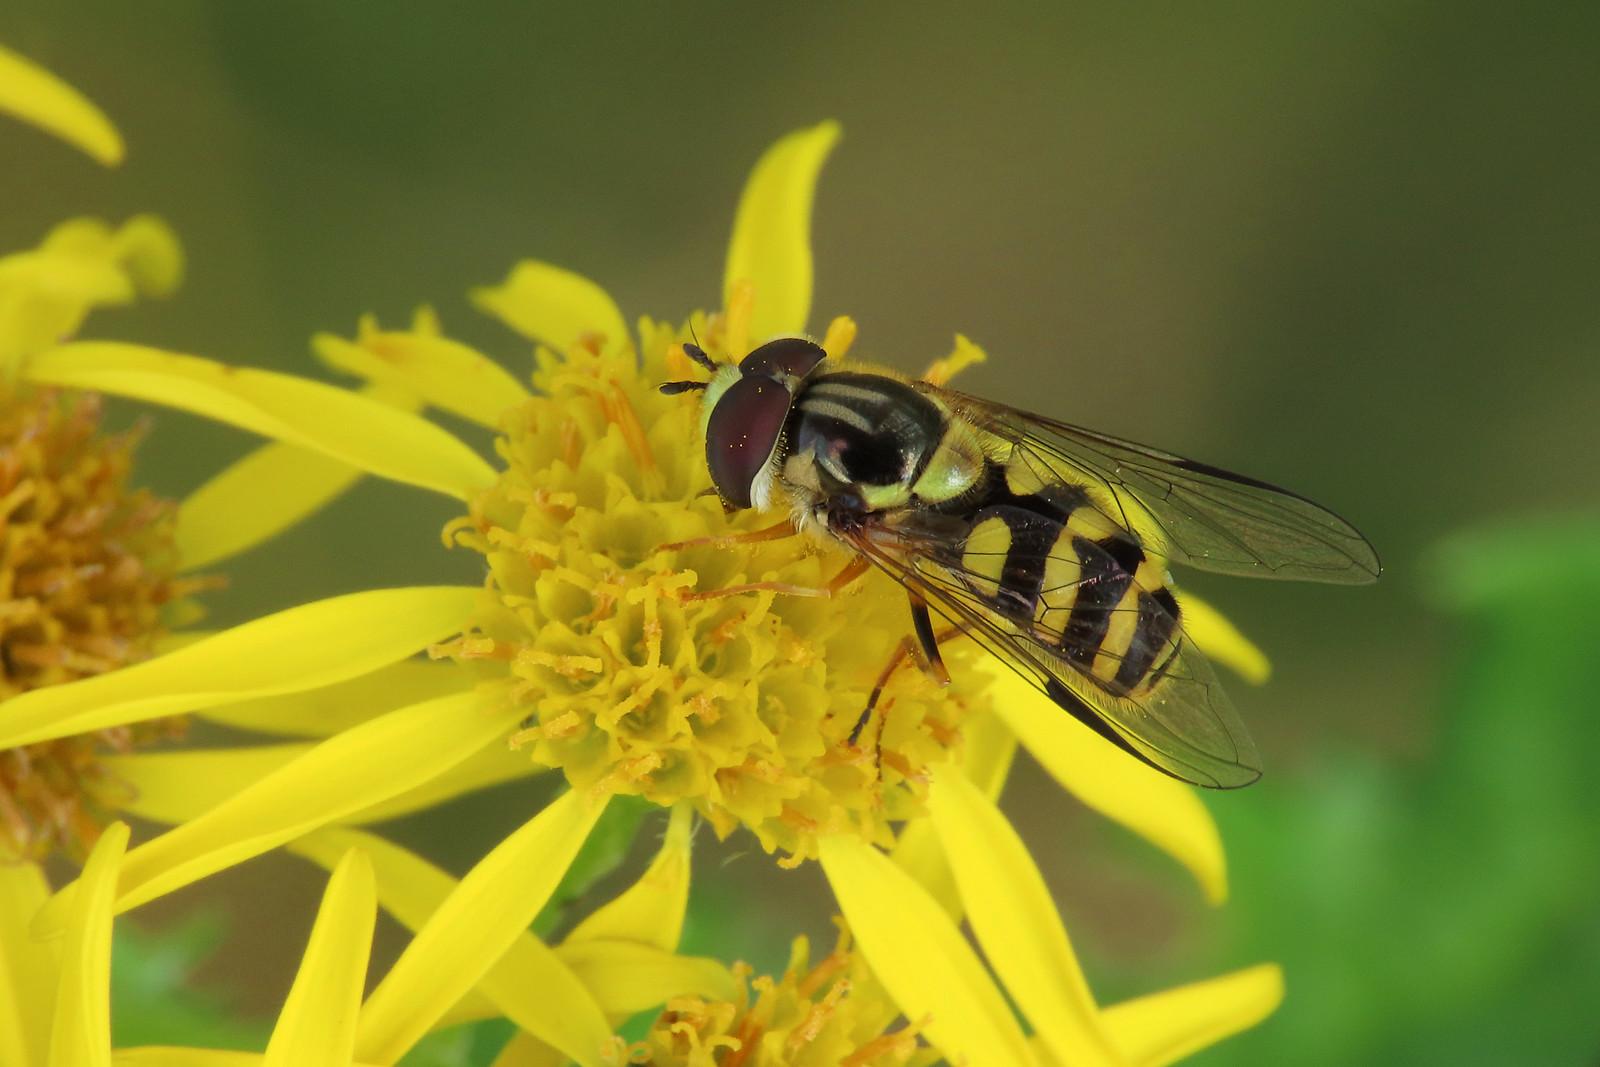 Dasysyrphus albostriatus